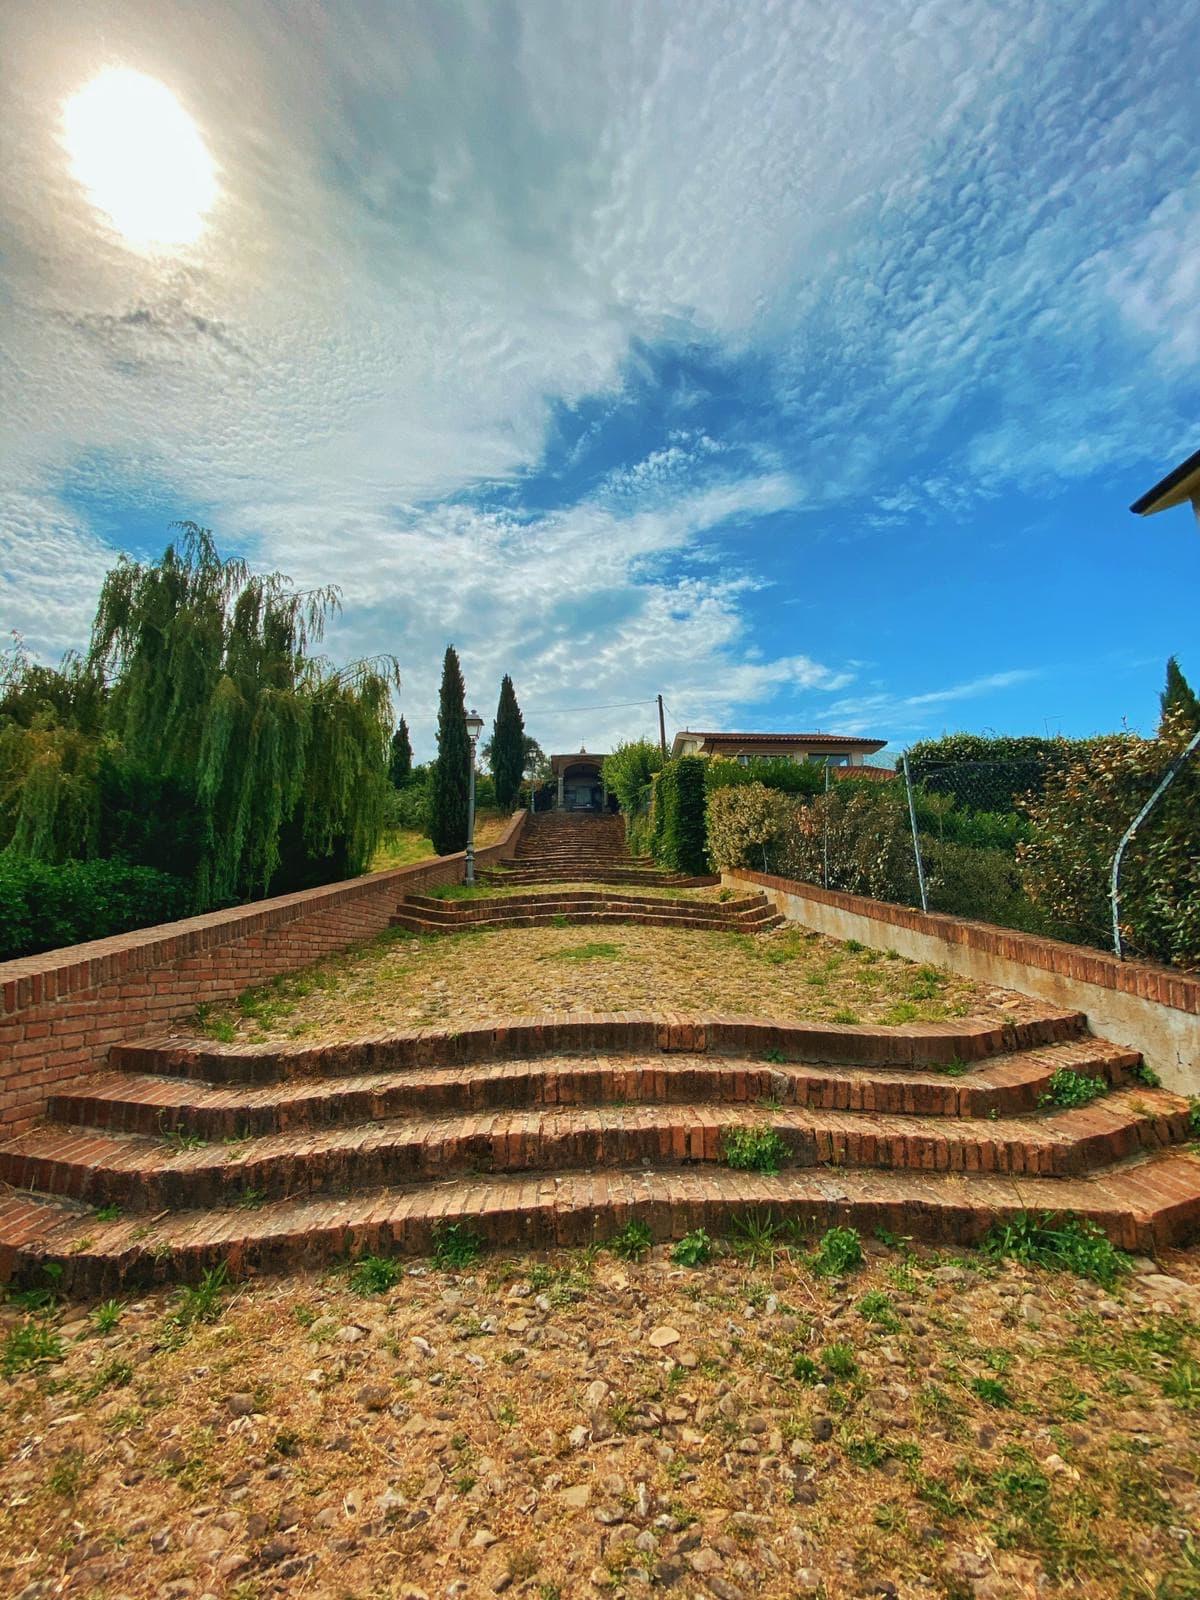 [Parlami di tER] La via delle scalette, volto laico e spirituale di Cesena